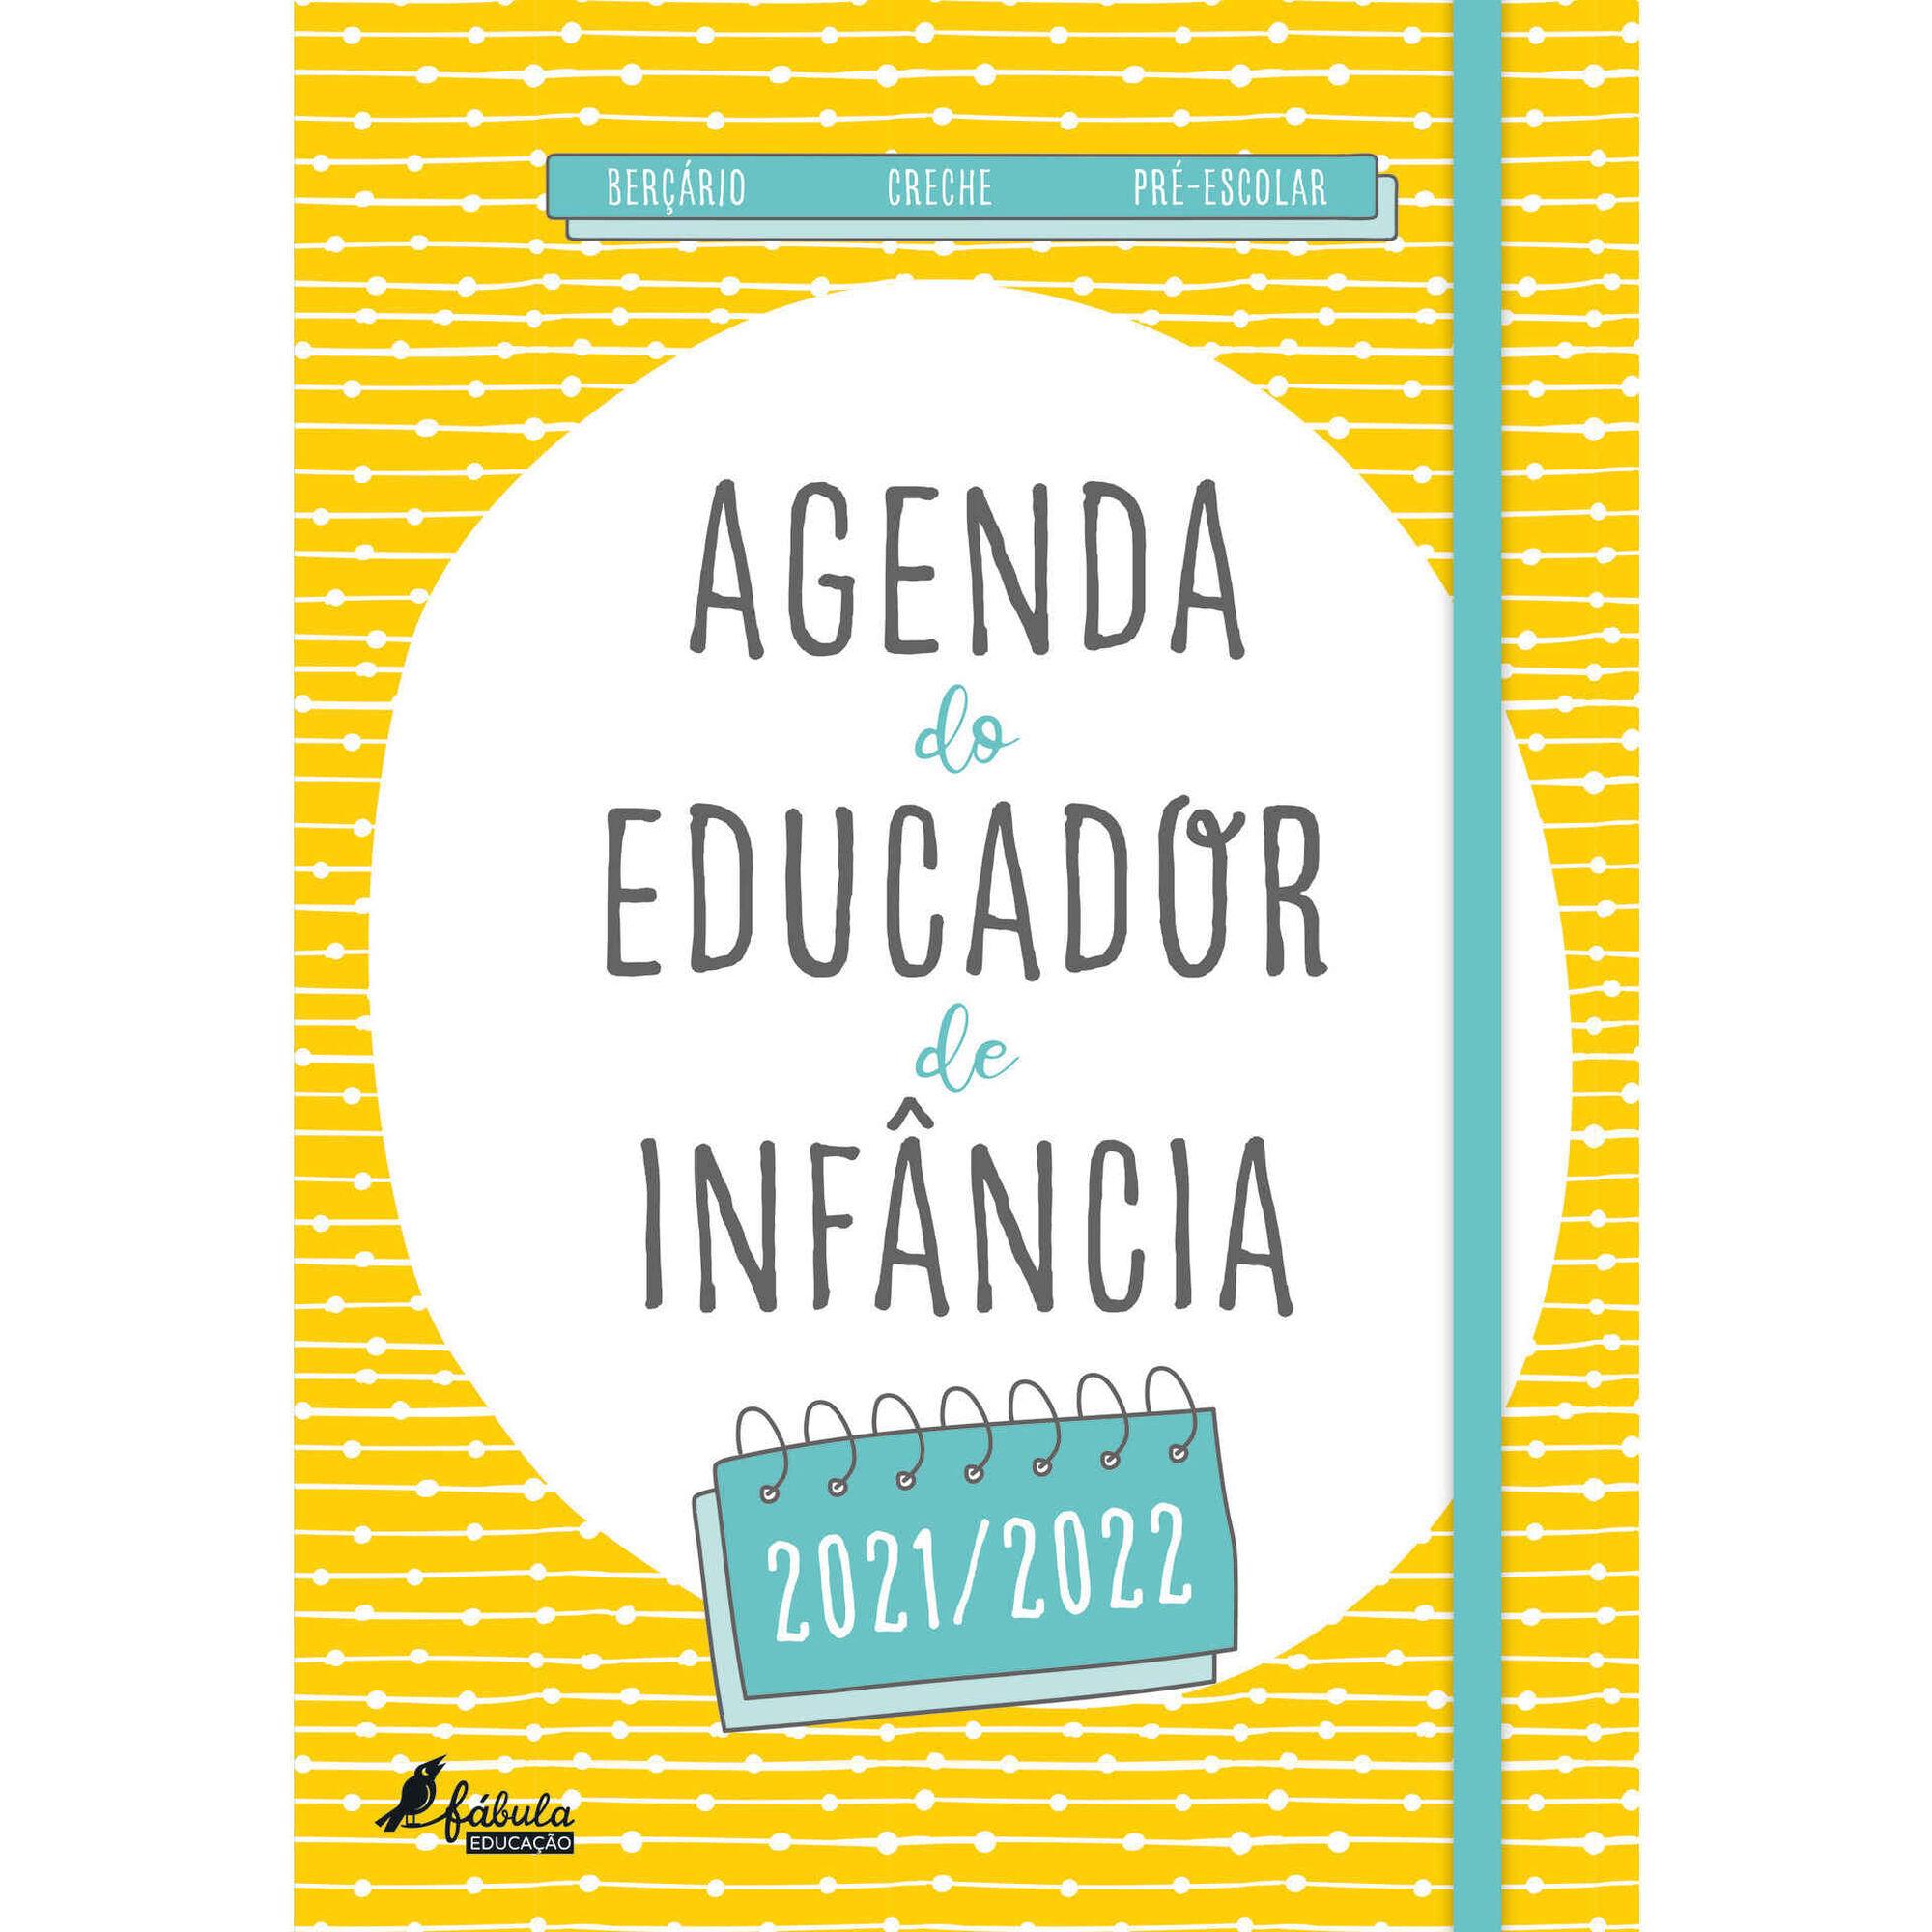 Agenda do Educador de Infância 2021/2022